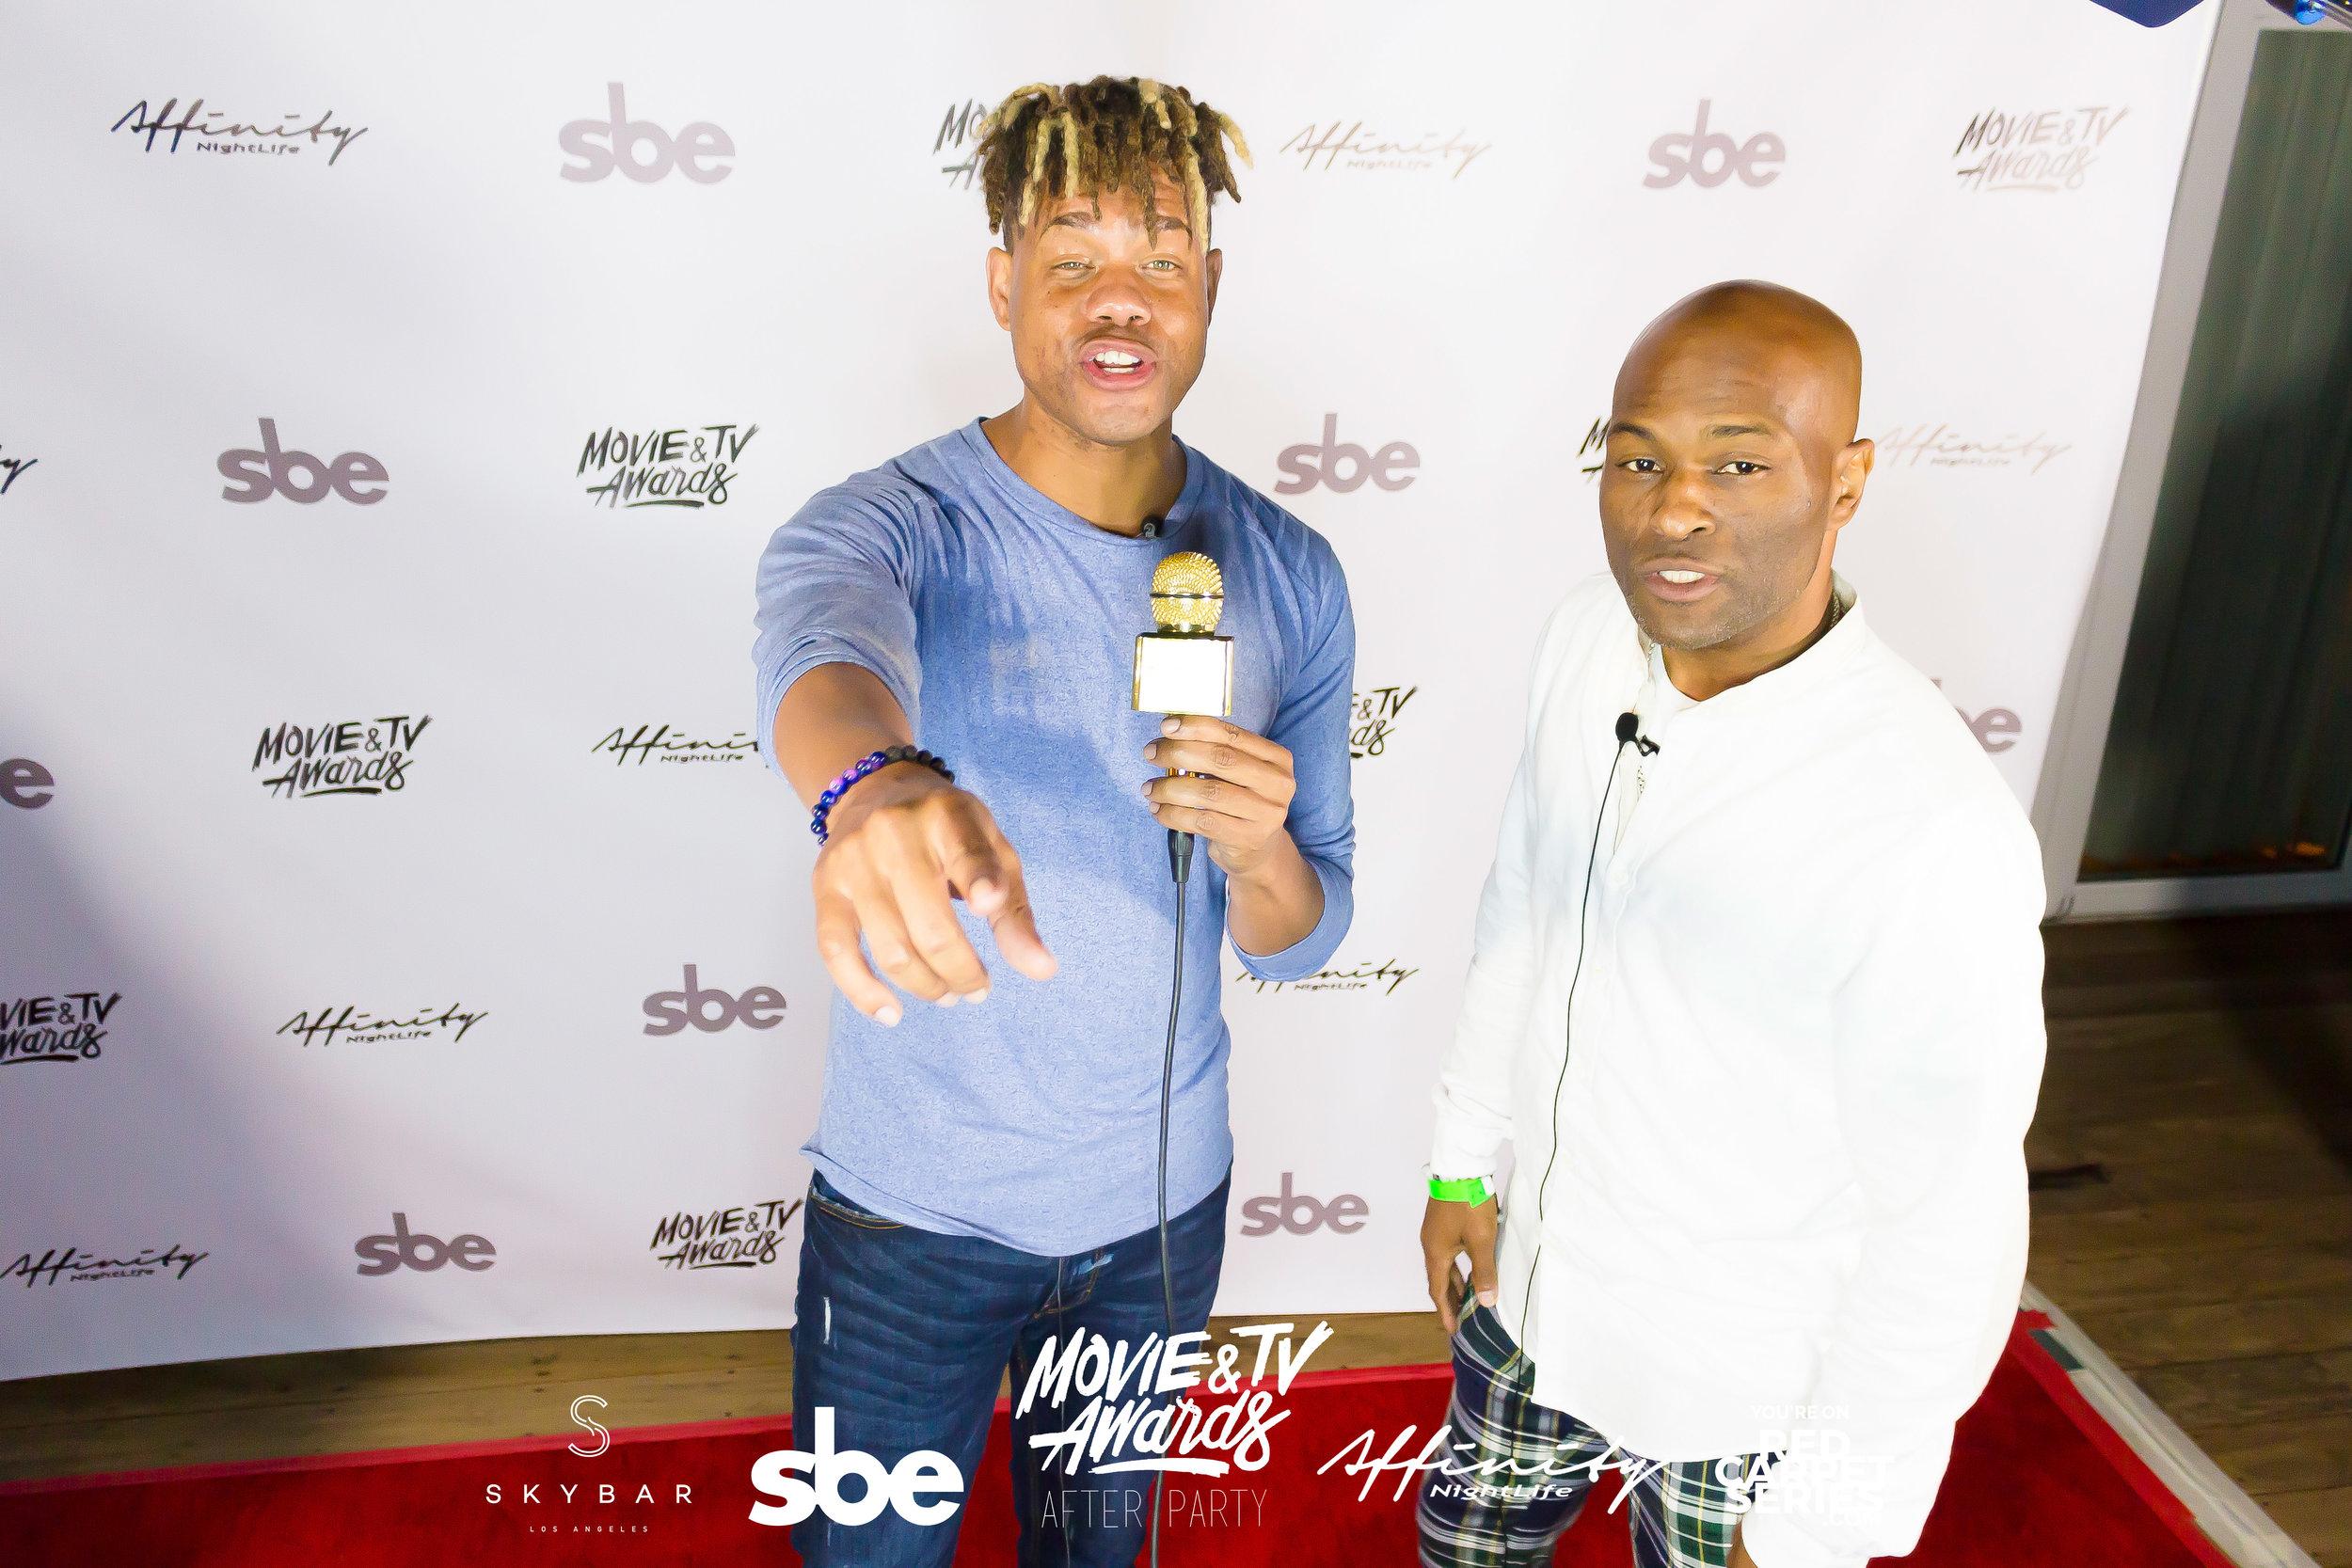 Affinity Nightlife MTV Movie & TV Awards After Party - Skybar at Mondrian - 06-15-19 - Vol. 2_14.jpg